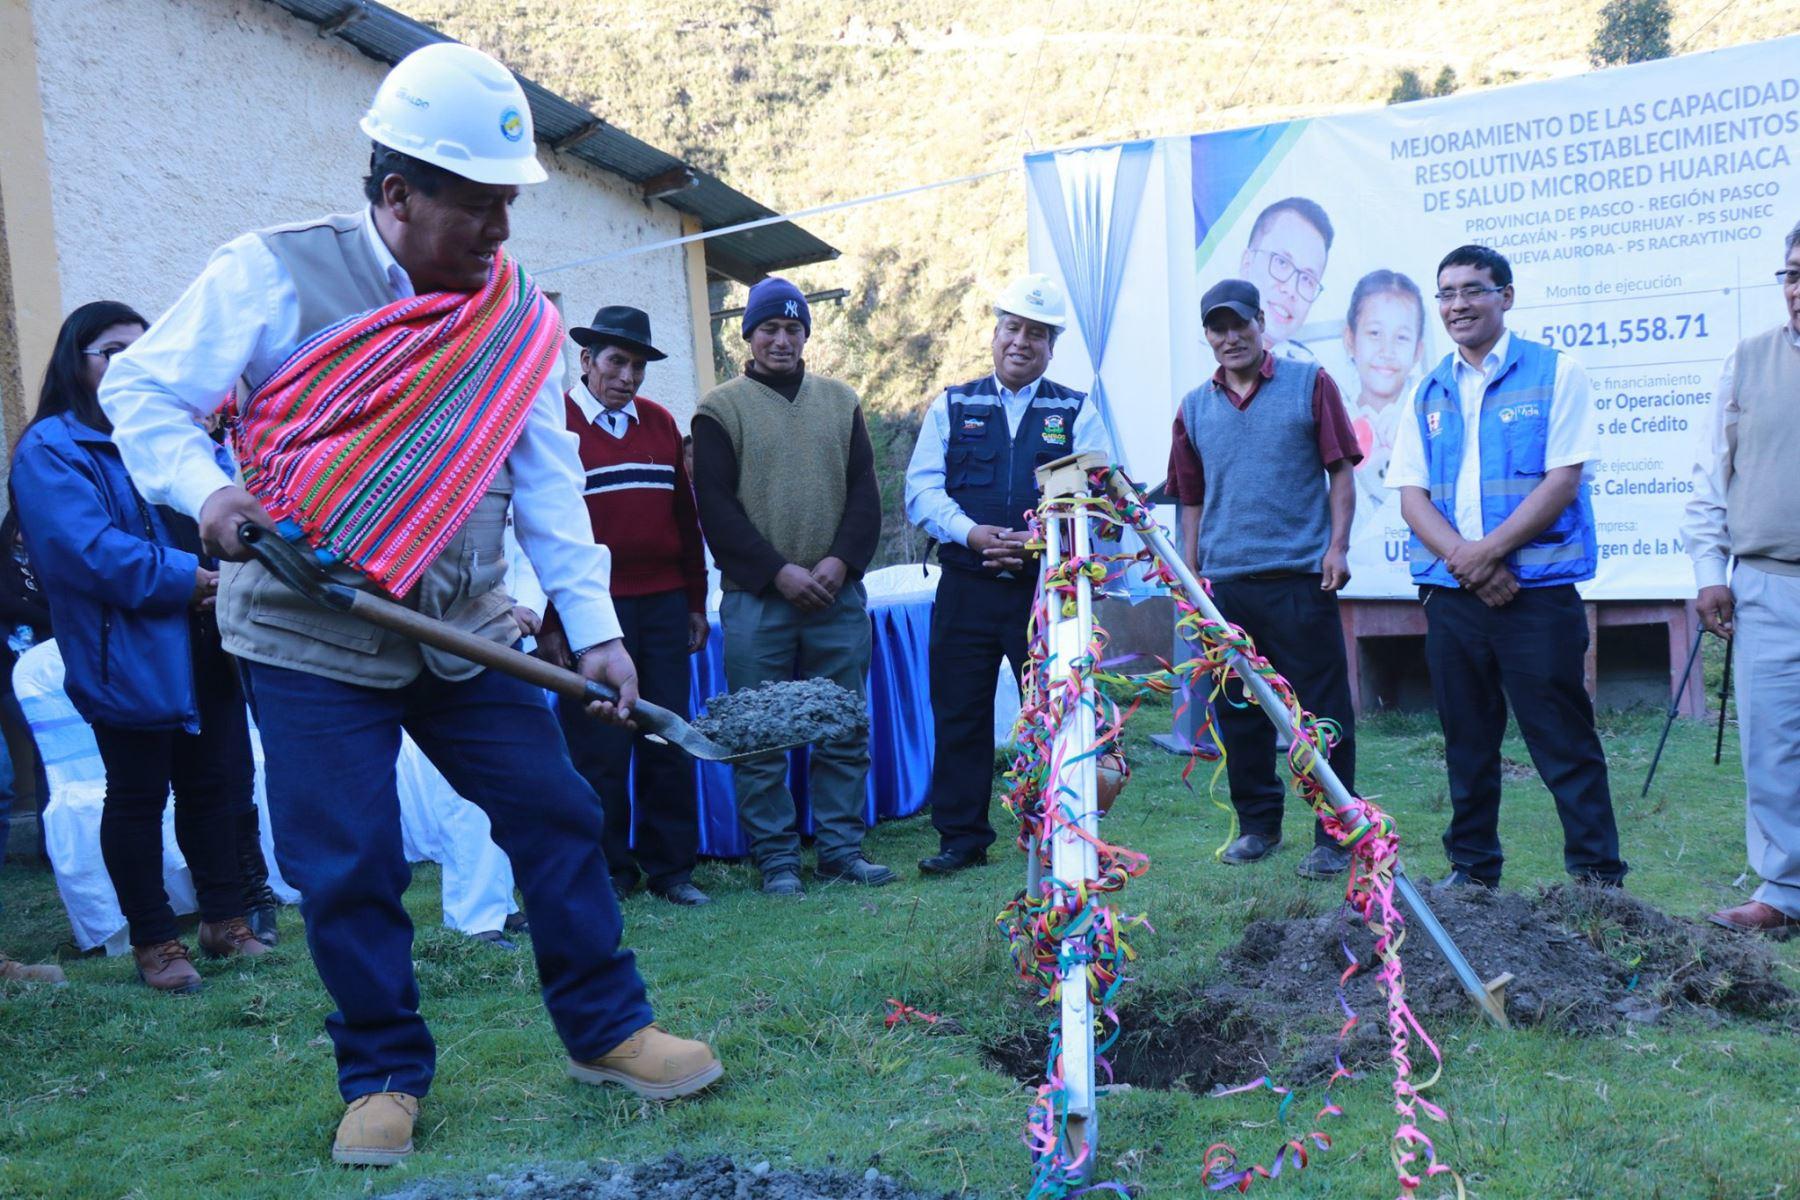 El gobernador de Pasco, Pedro Ubaldo, saludó la aprobación del crédito suplementario de 38.8 millones de soles para culminar obras de inversión social.